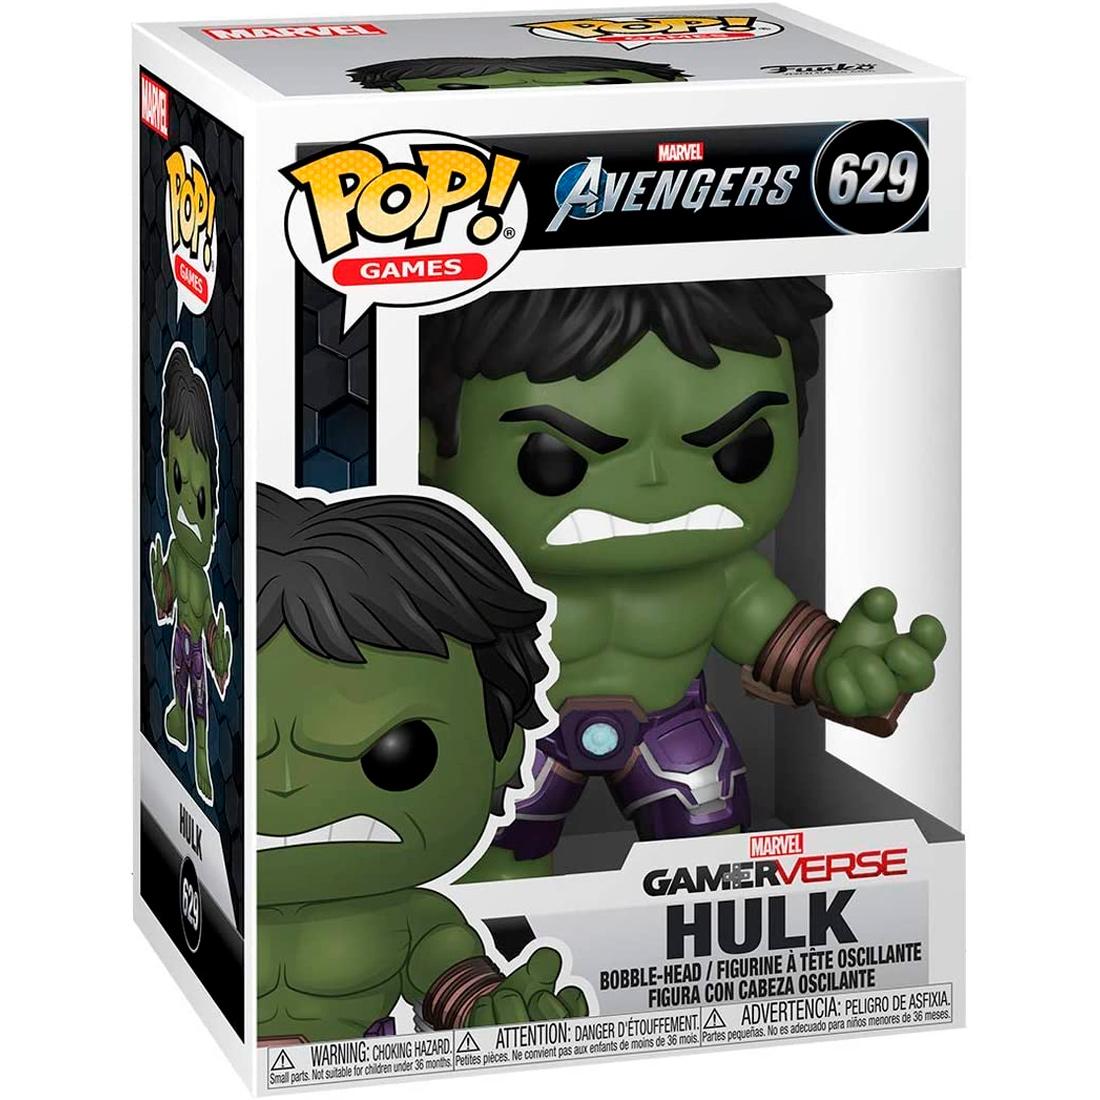 Funko Pop! Games Marvel Avengers 629 Gamer Verse Hulk